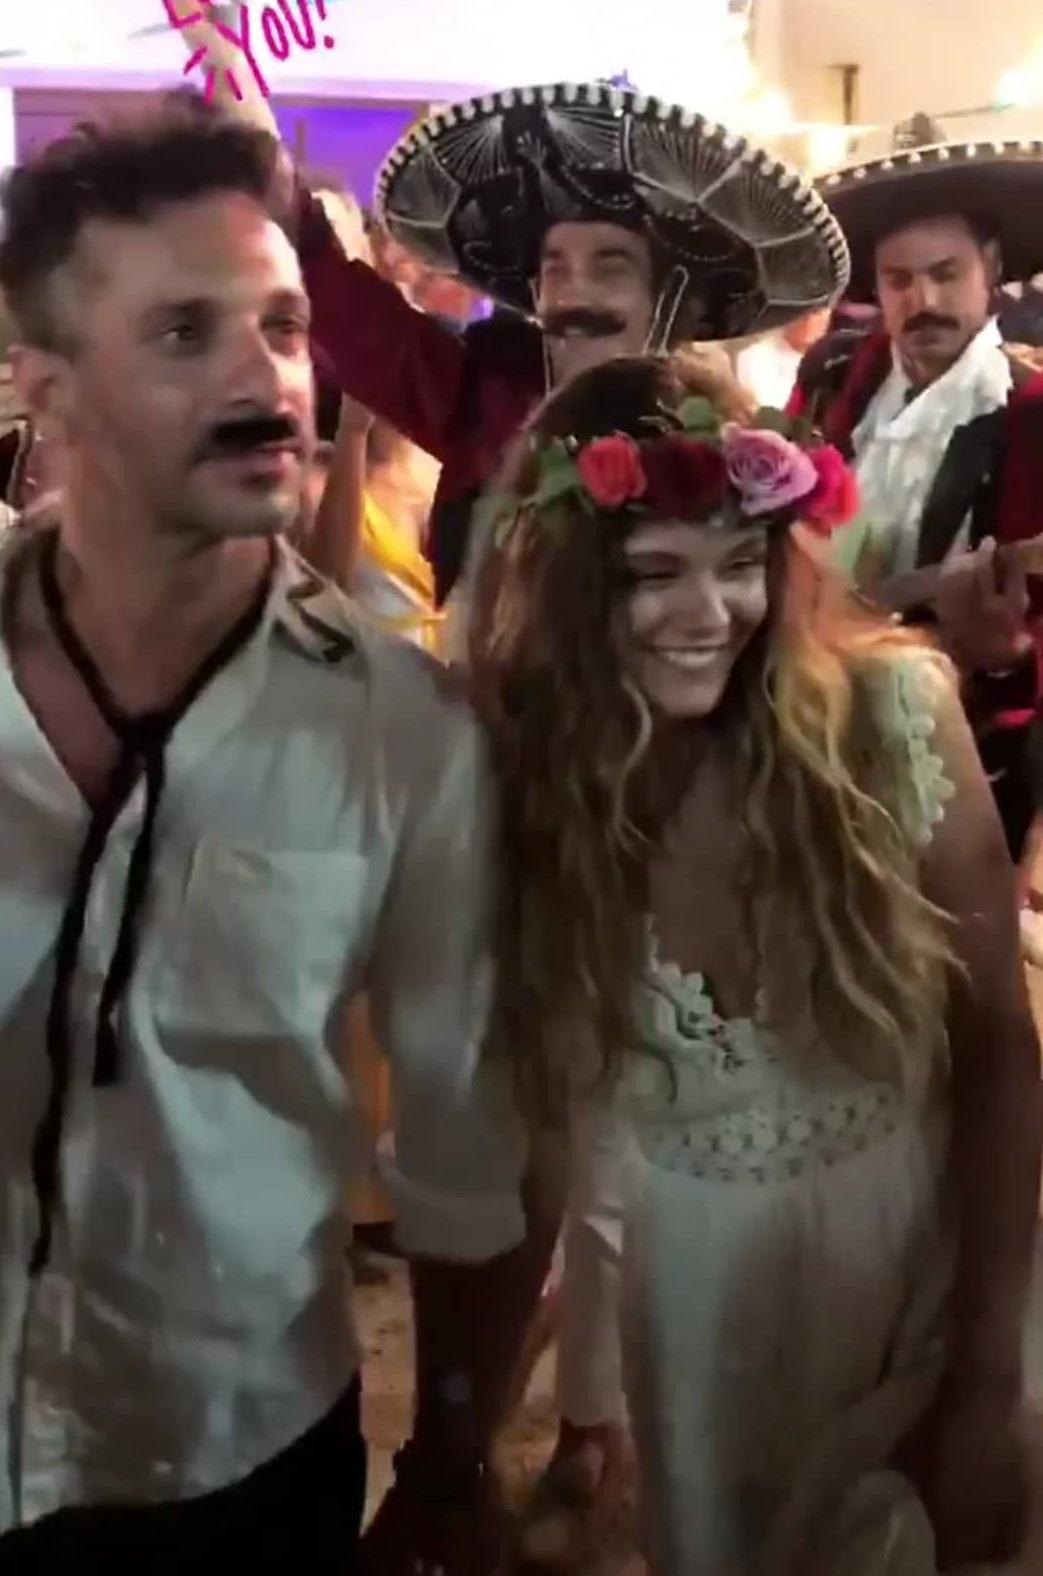 Γιώργος Χρανιώτης: Γεύση από Μεξικό στο γαμήλιο γλέντι! Η τούρτα και ο χορός του ζευγαριού! VIDEO | tlife.gr